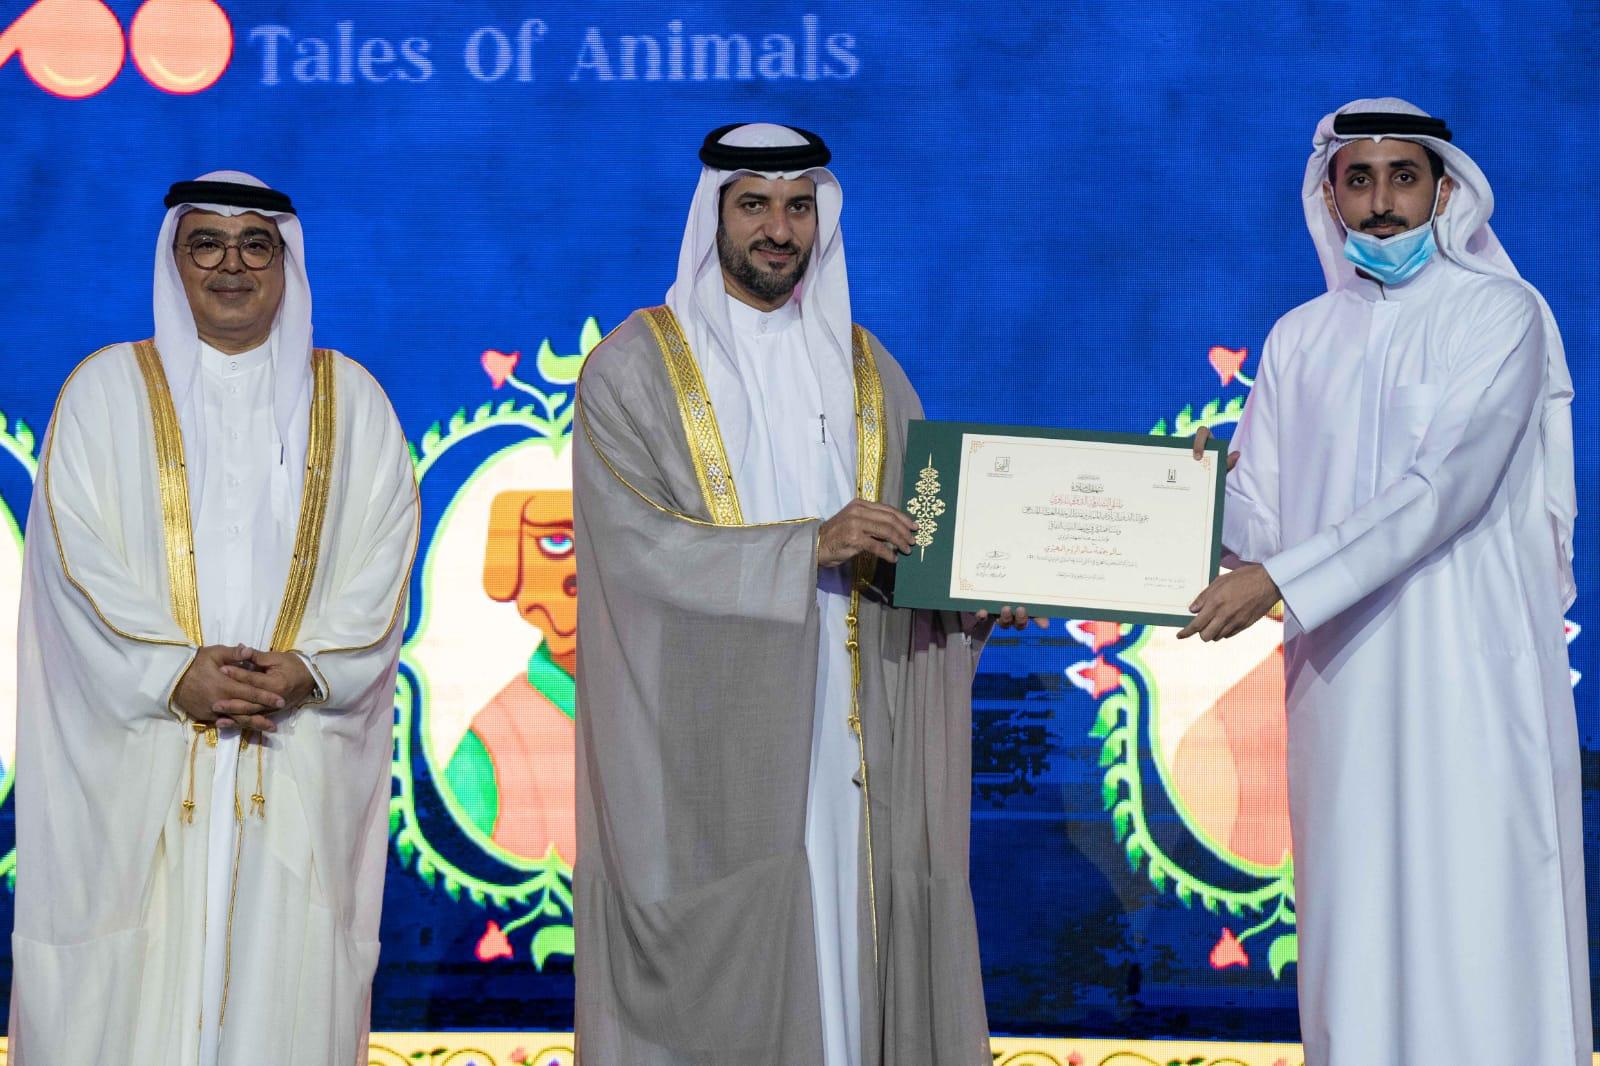 سلطان بن أحمد القاسمي يفتتح فعاليات النسخة الـ 21 من ملتقى الشارقة الدولي للراوي